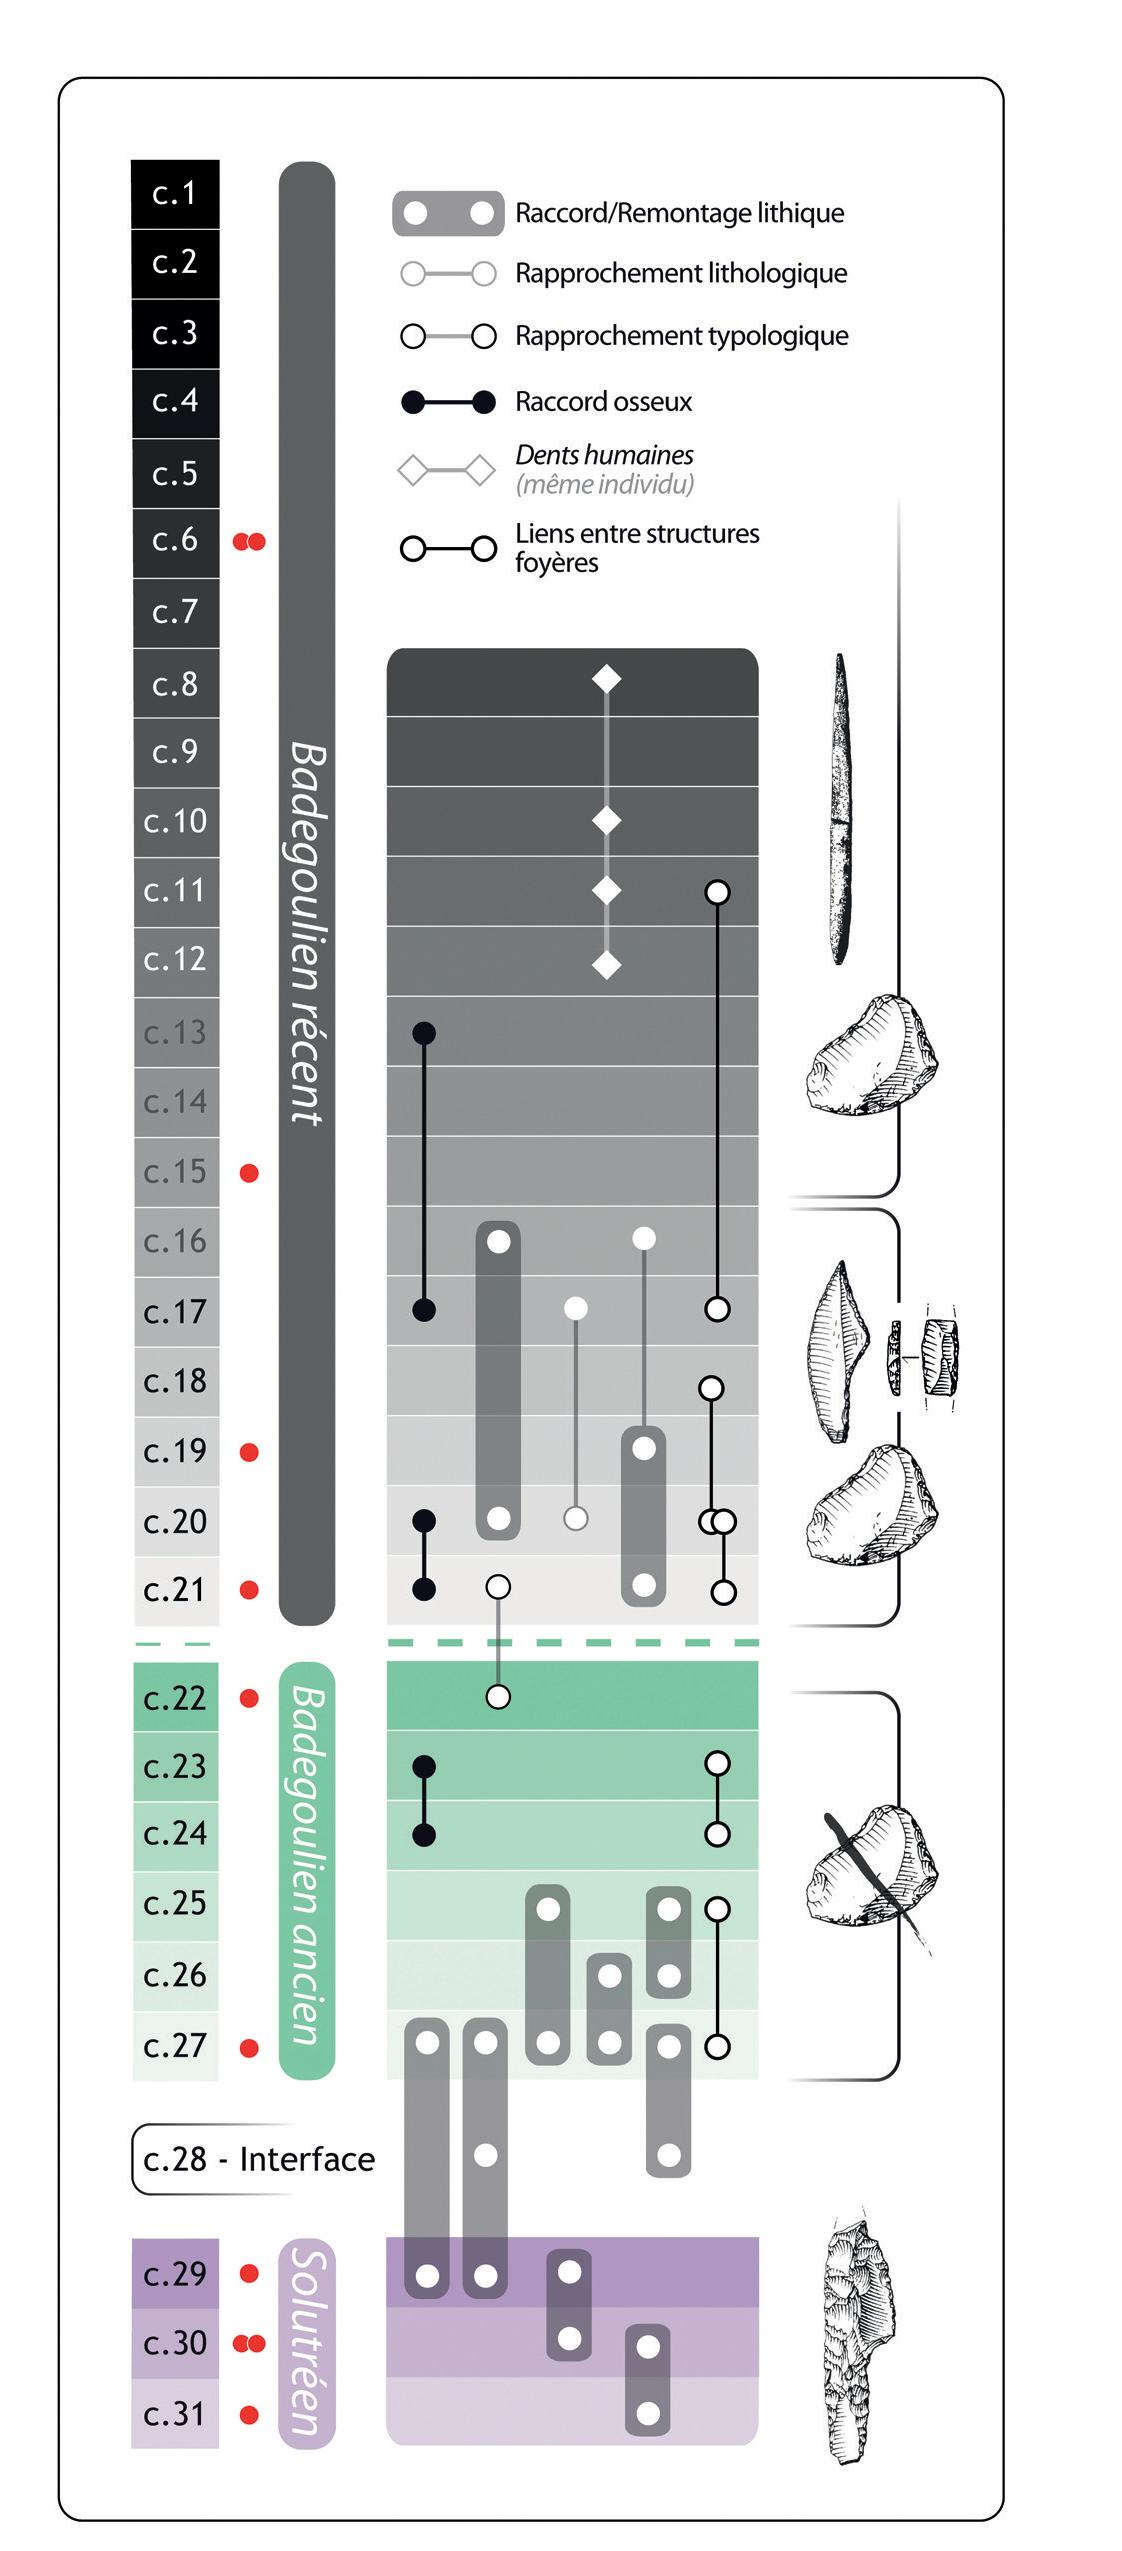 Quelle est la tranche d'âge pour laquelle la datation du carbone-14 peut être utilisée rencontre Ariane se terminant